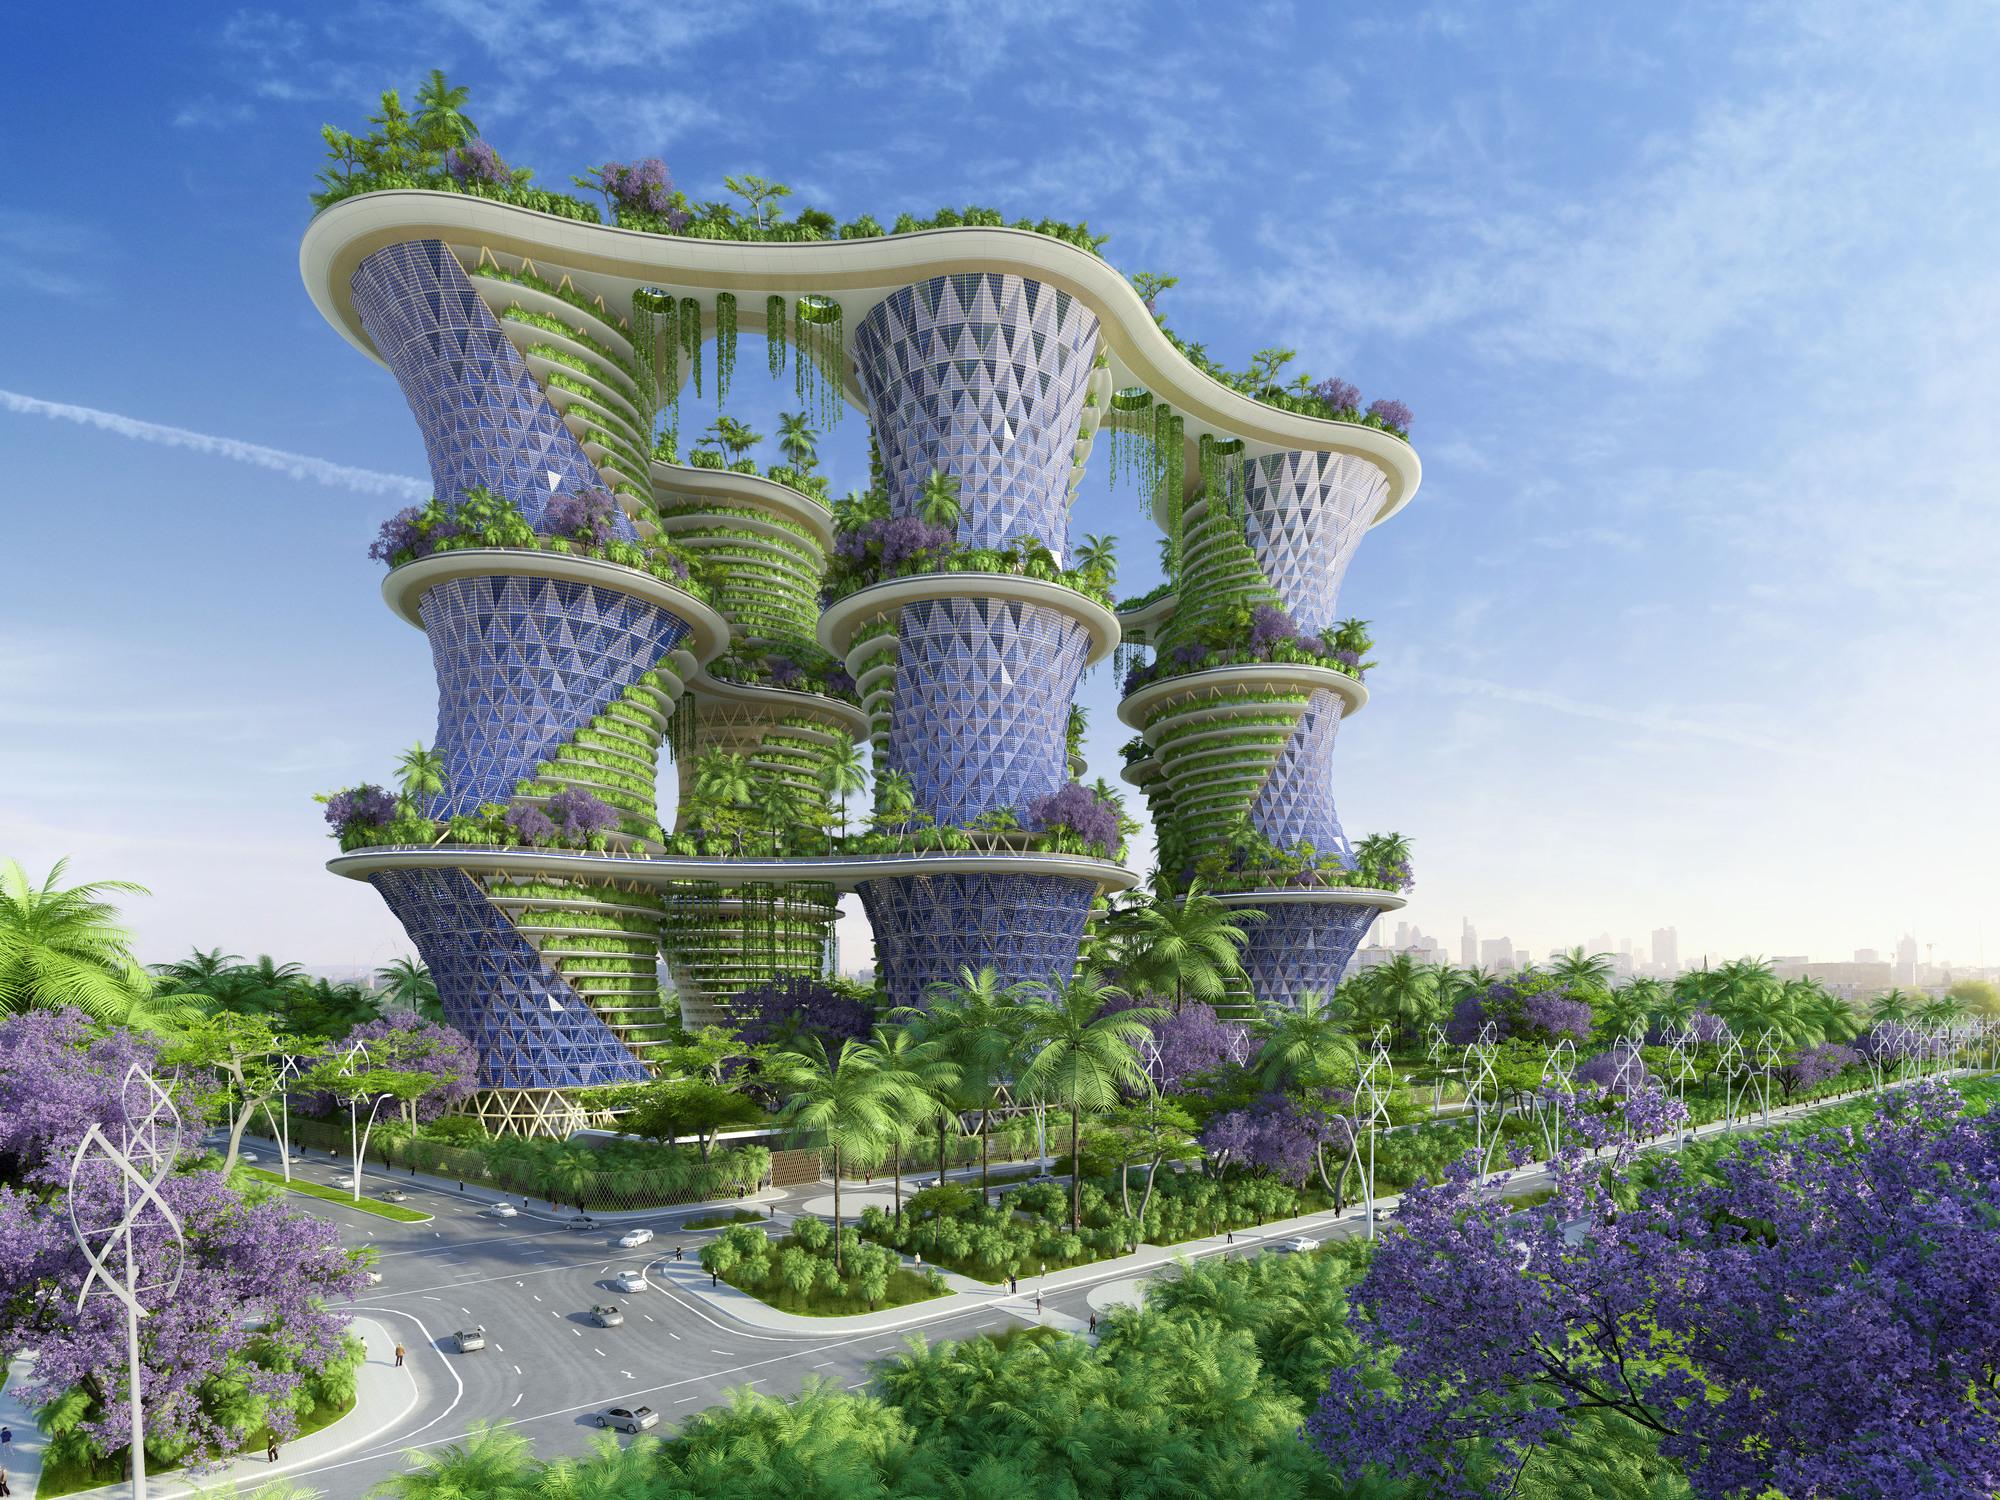 Vincent callebaut s hyperions eco neighborhood produces for Architecture du futur